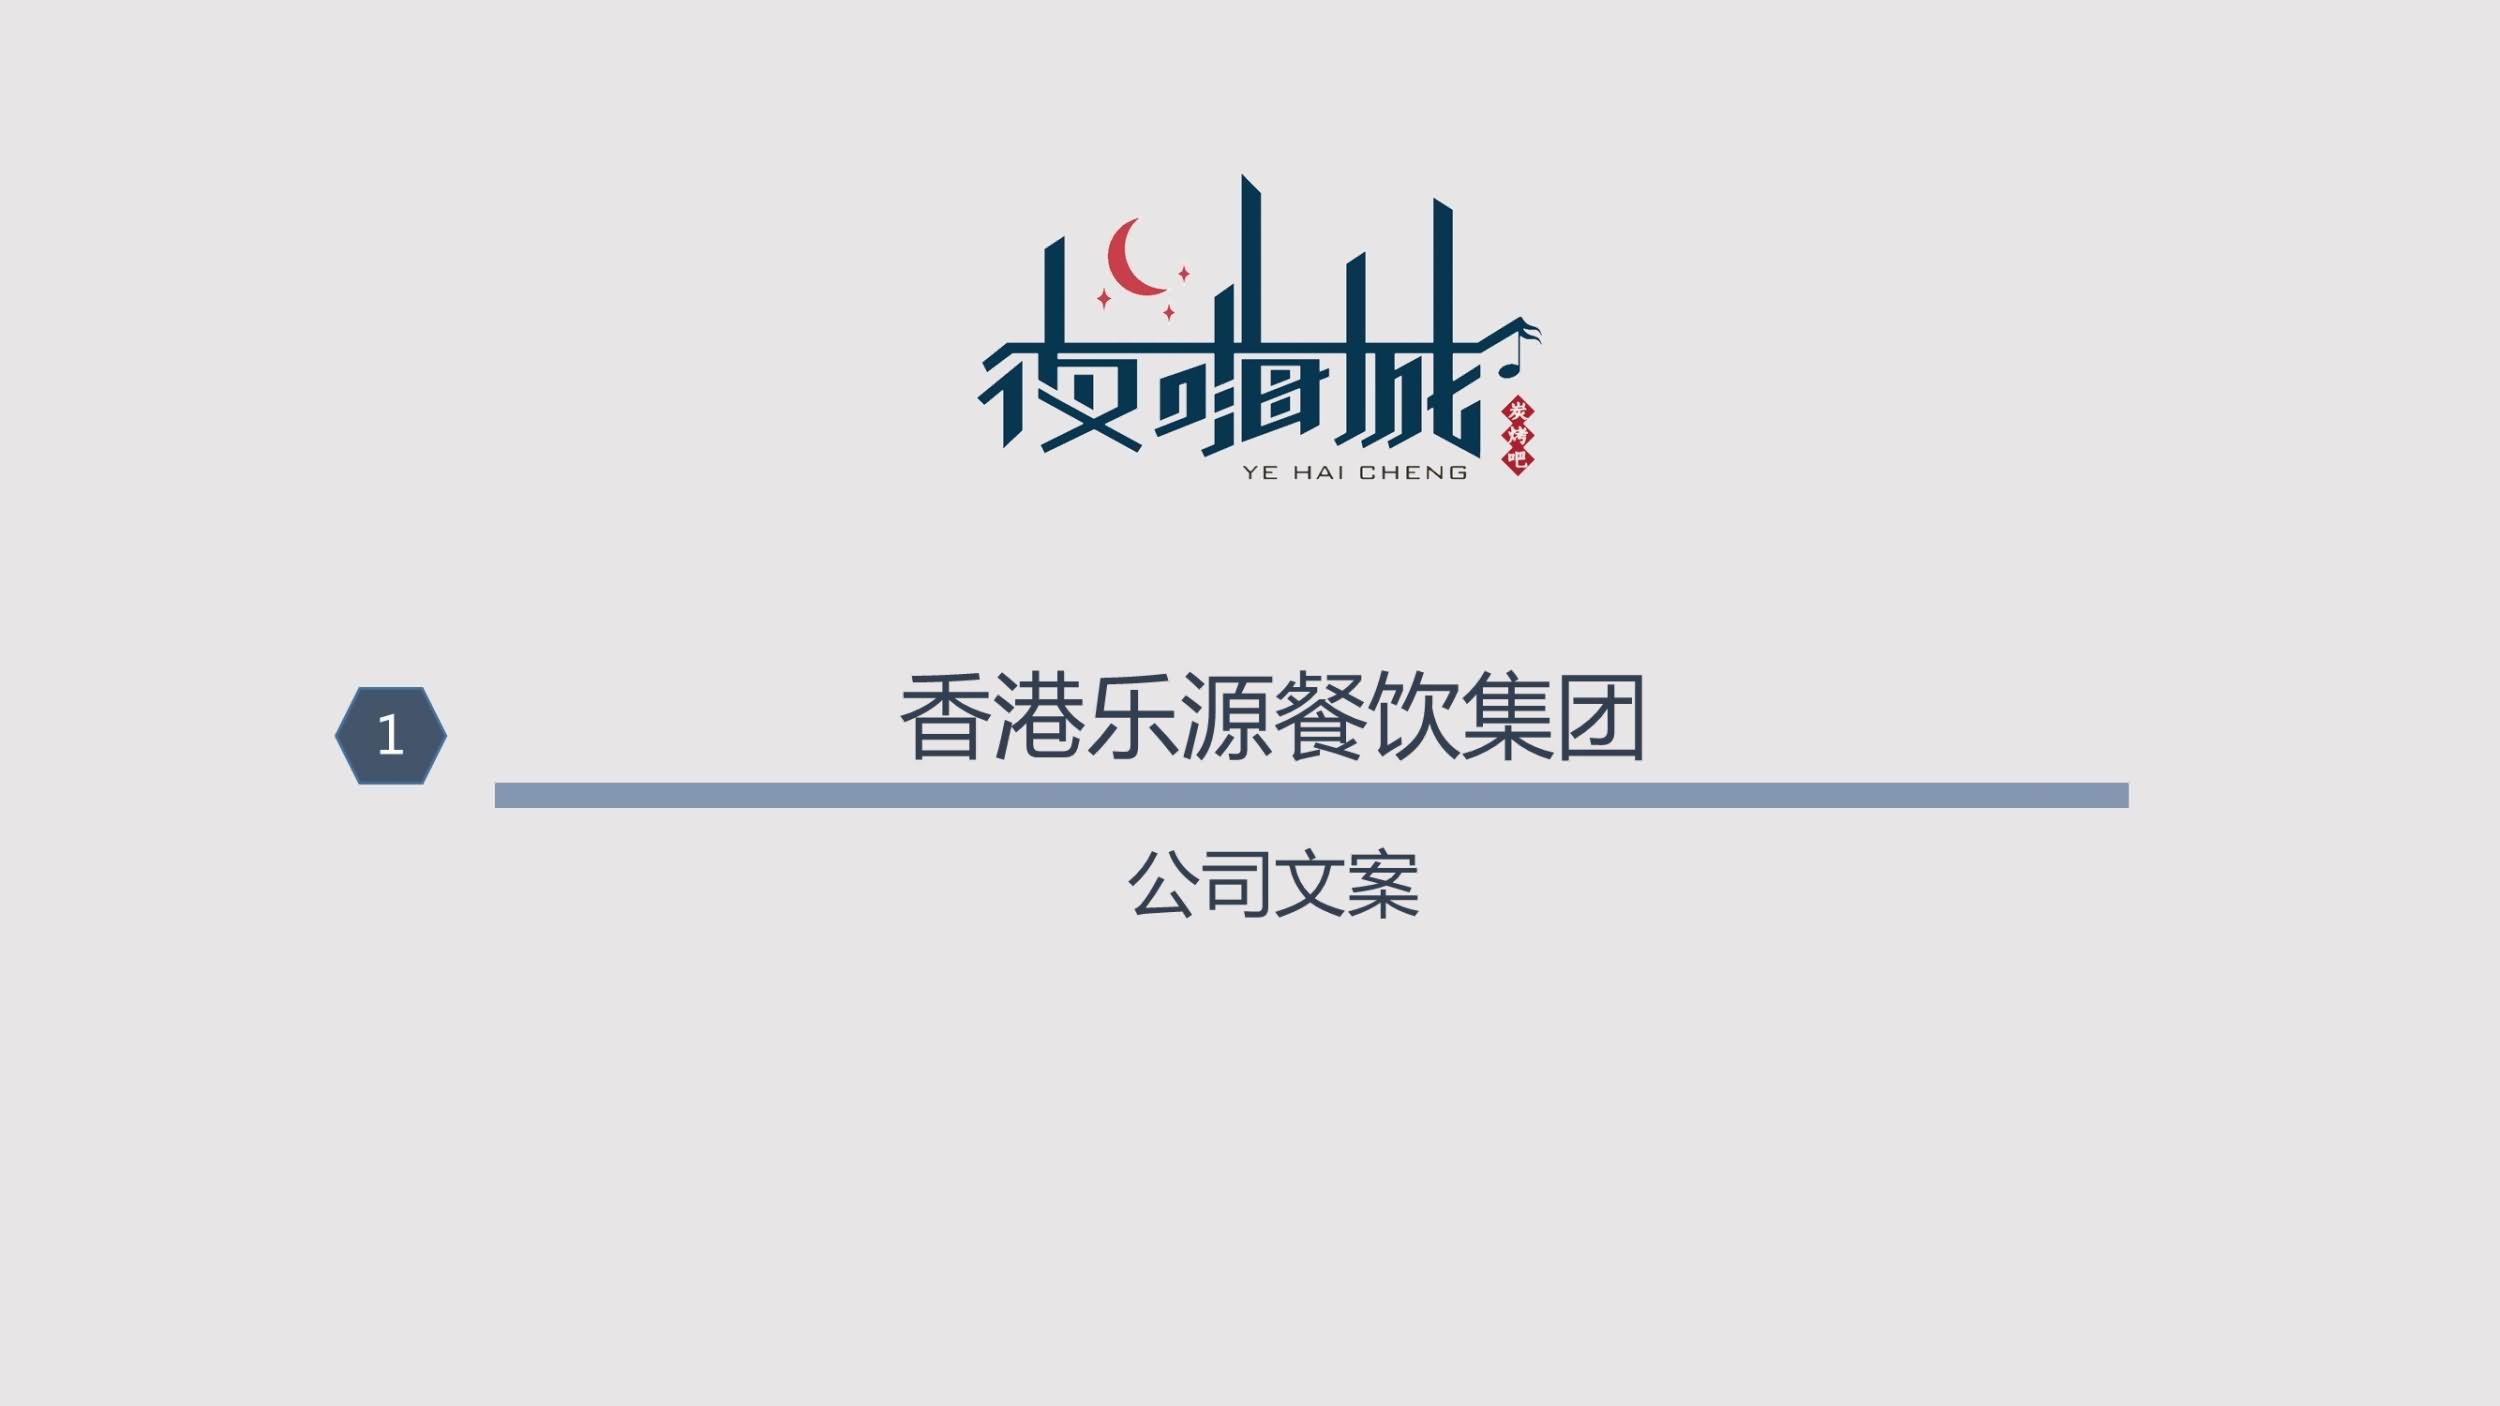 香港樂源餐飲集團有限公司3